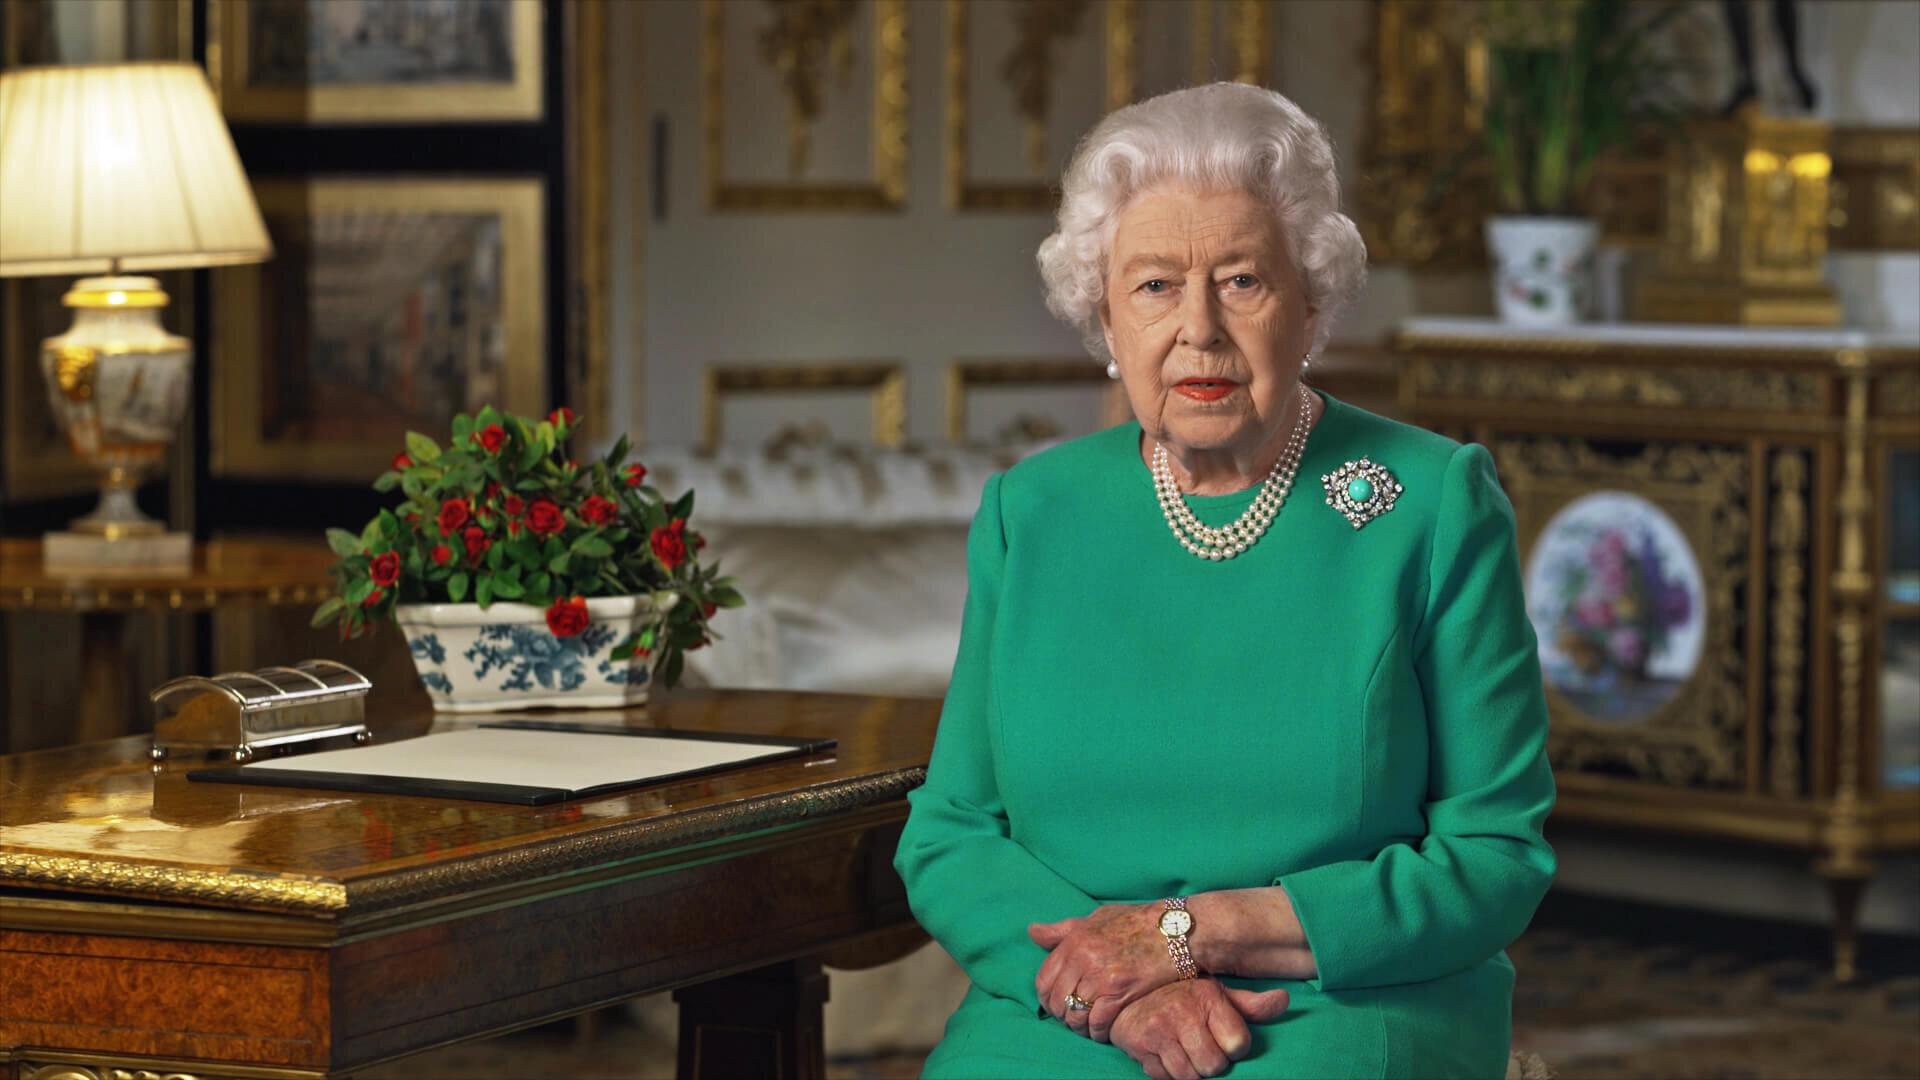 Queen Elizabeth hat sich in einer TV-Ansprache an die Nation gerichtet, um den Helden der Coronakrise zu danken und verbreitete außerdem Hoffnung. Die versteckten Details ihrer Rede fallen erst auf den zweiten Blick auf. © picture alliance / Photoshot